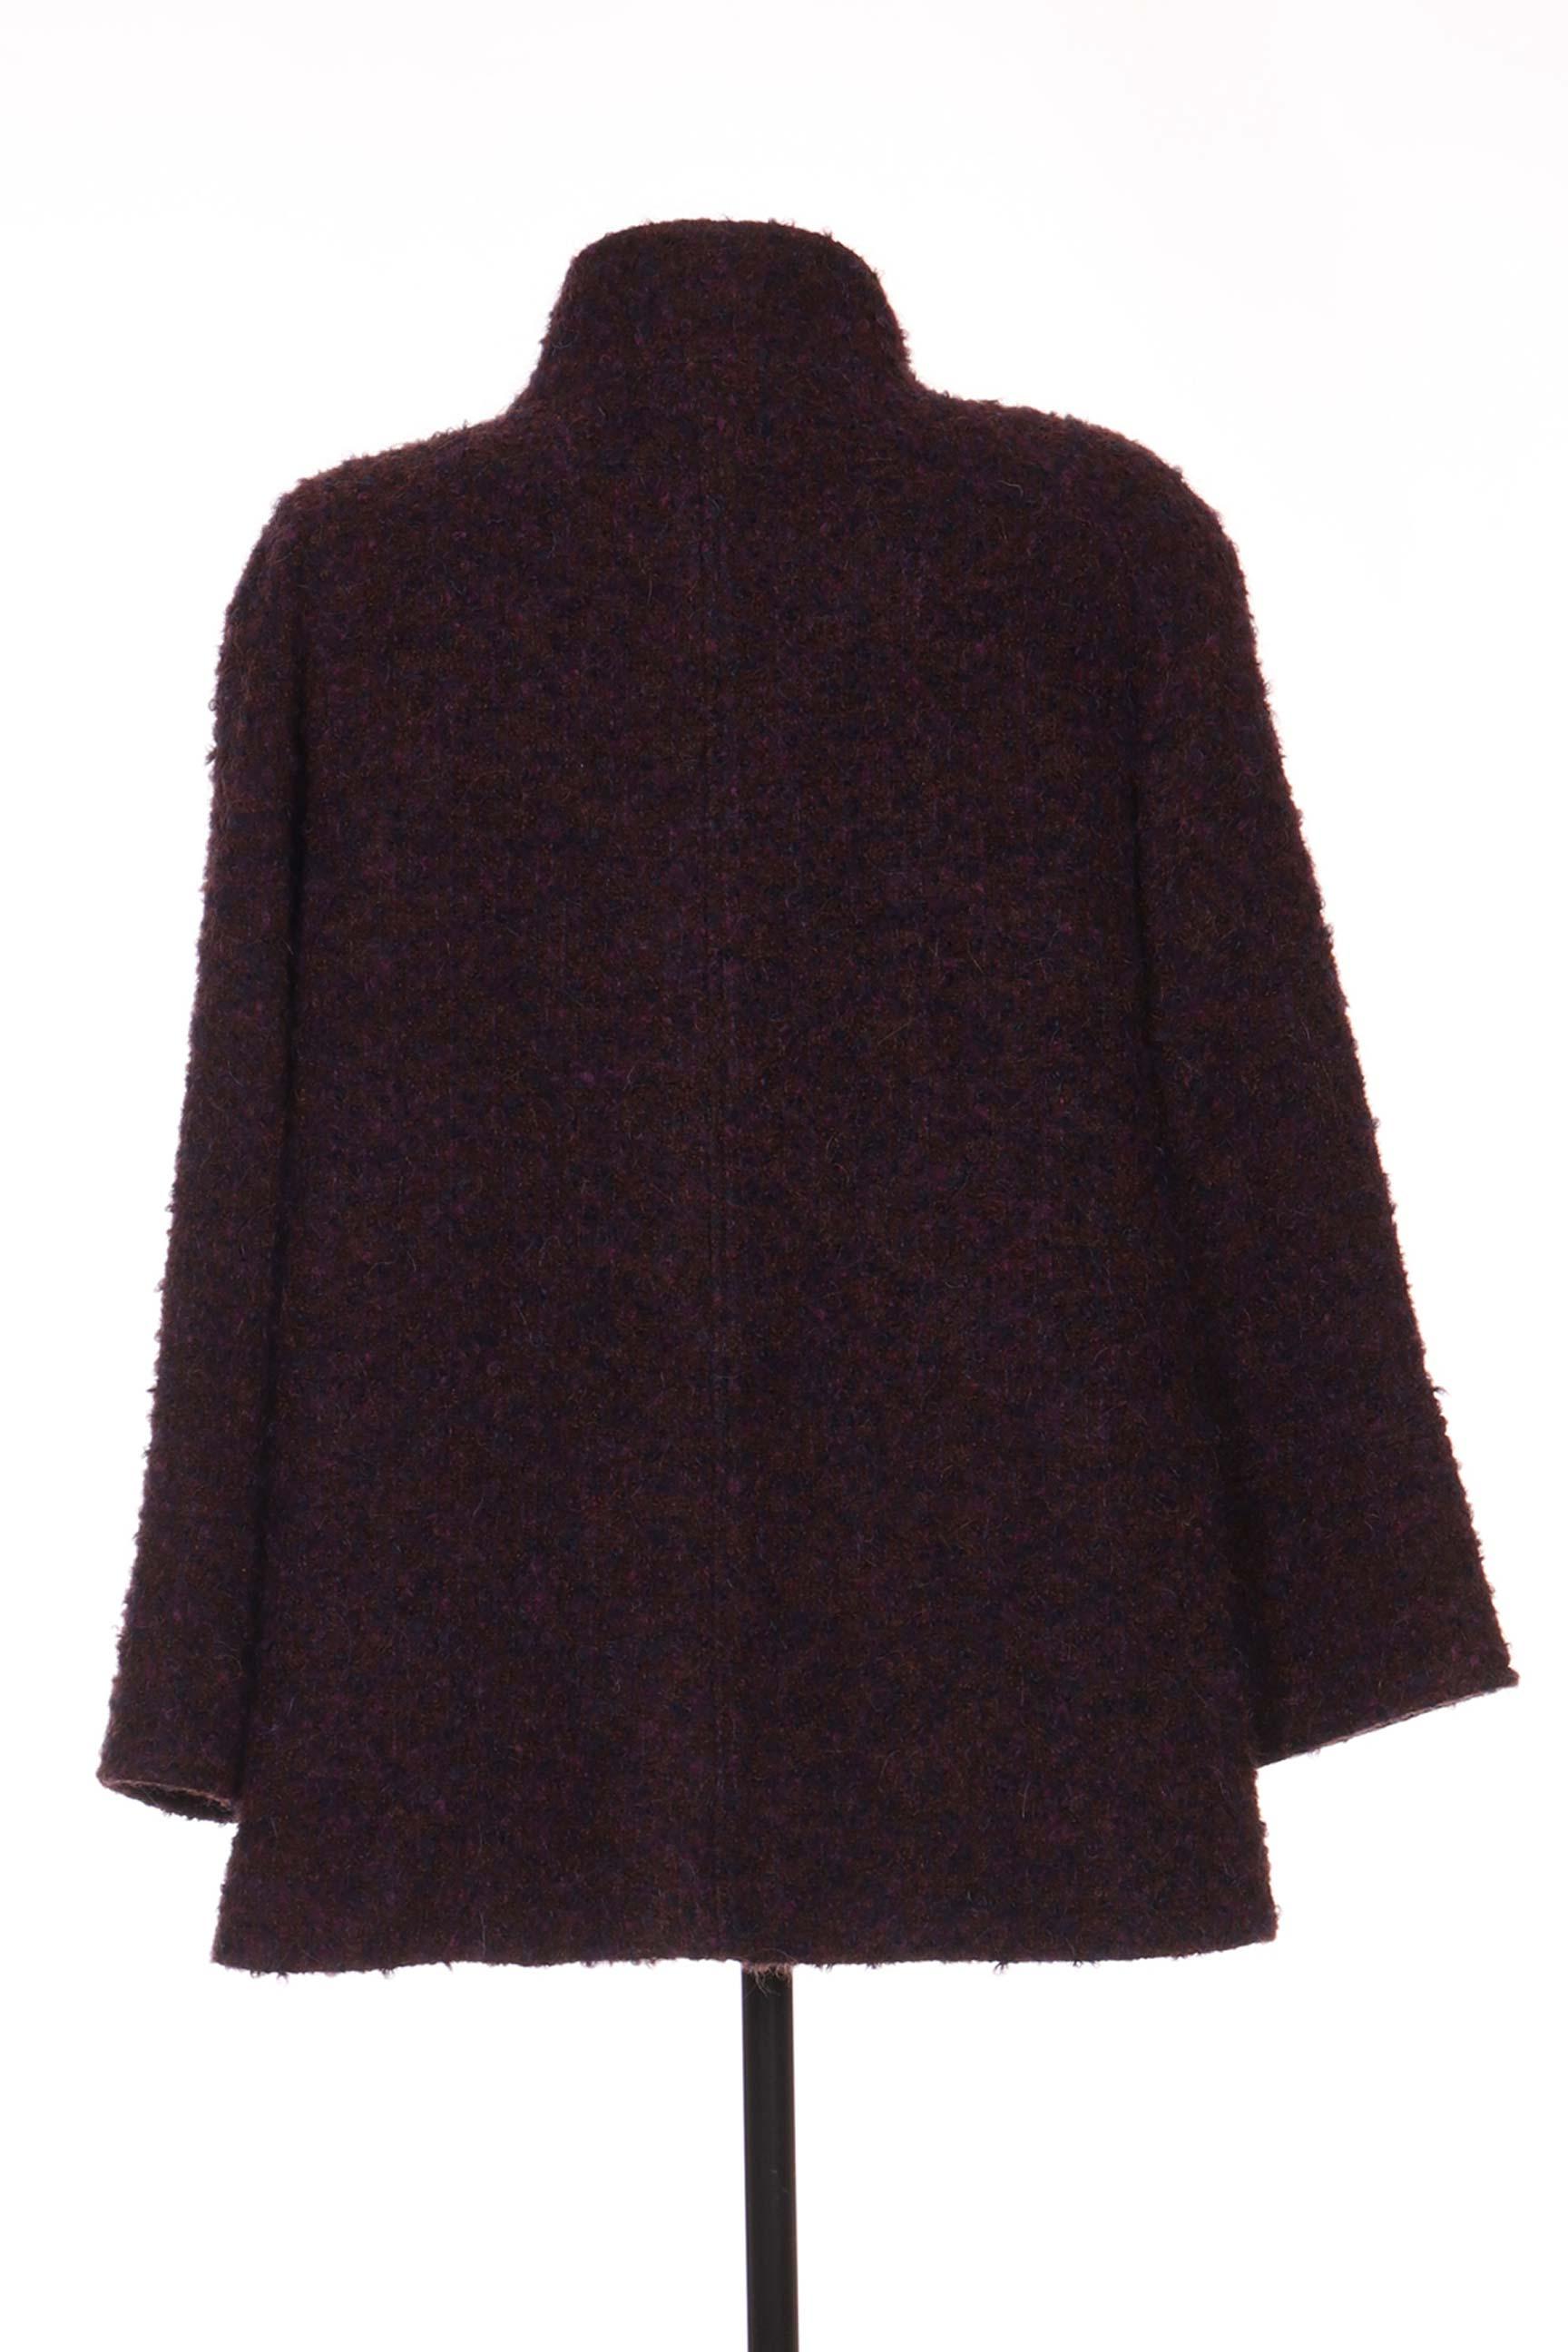 Berni By Anton Moda Manteaux Courts Femme De Couleur Violet En Soldes Pas Cher 1181624-violet